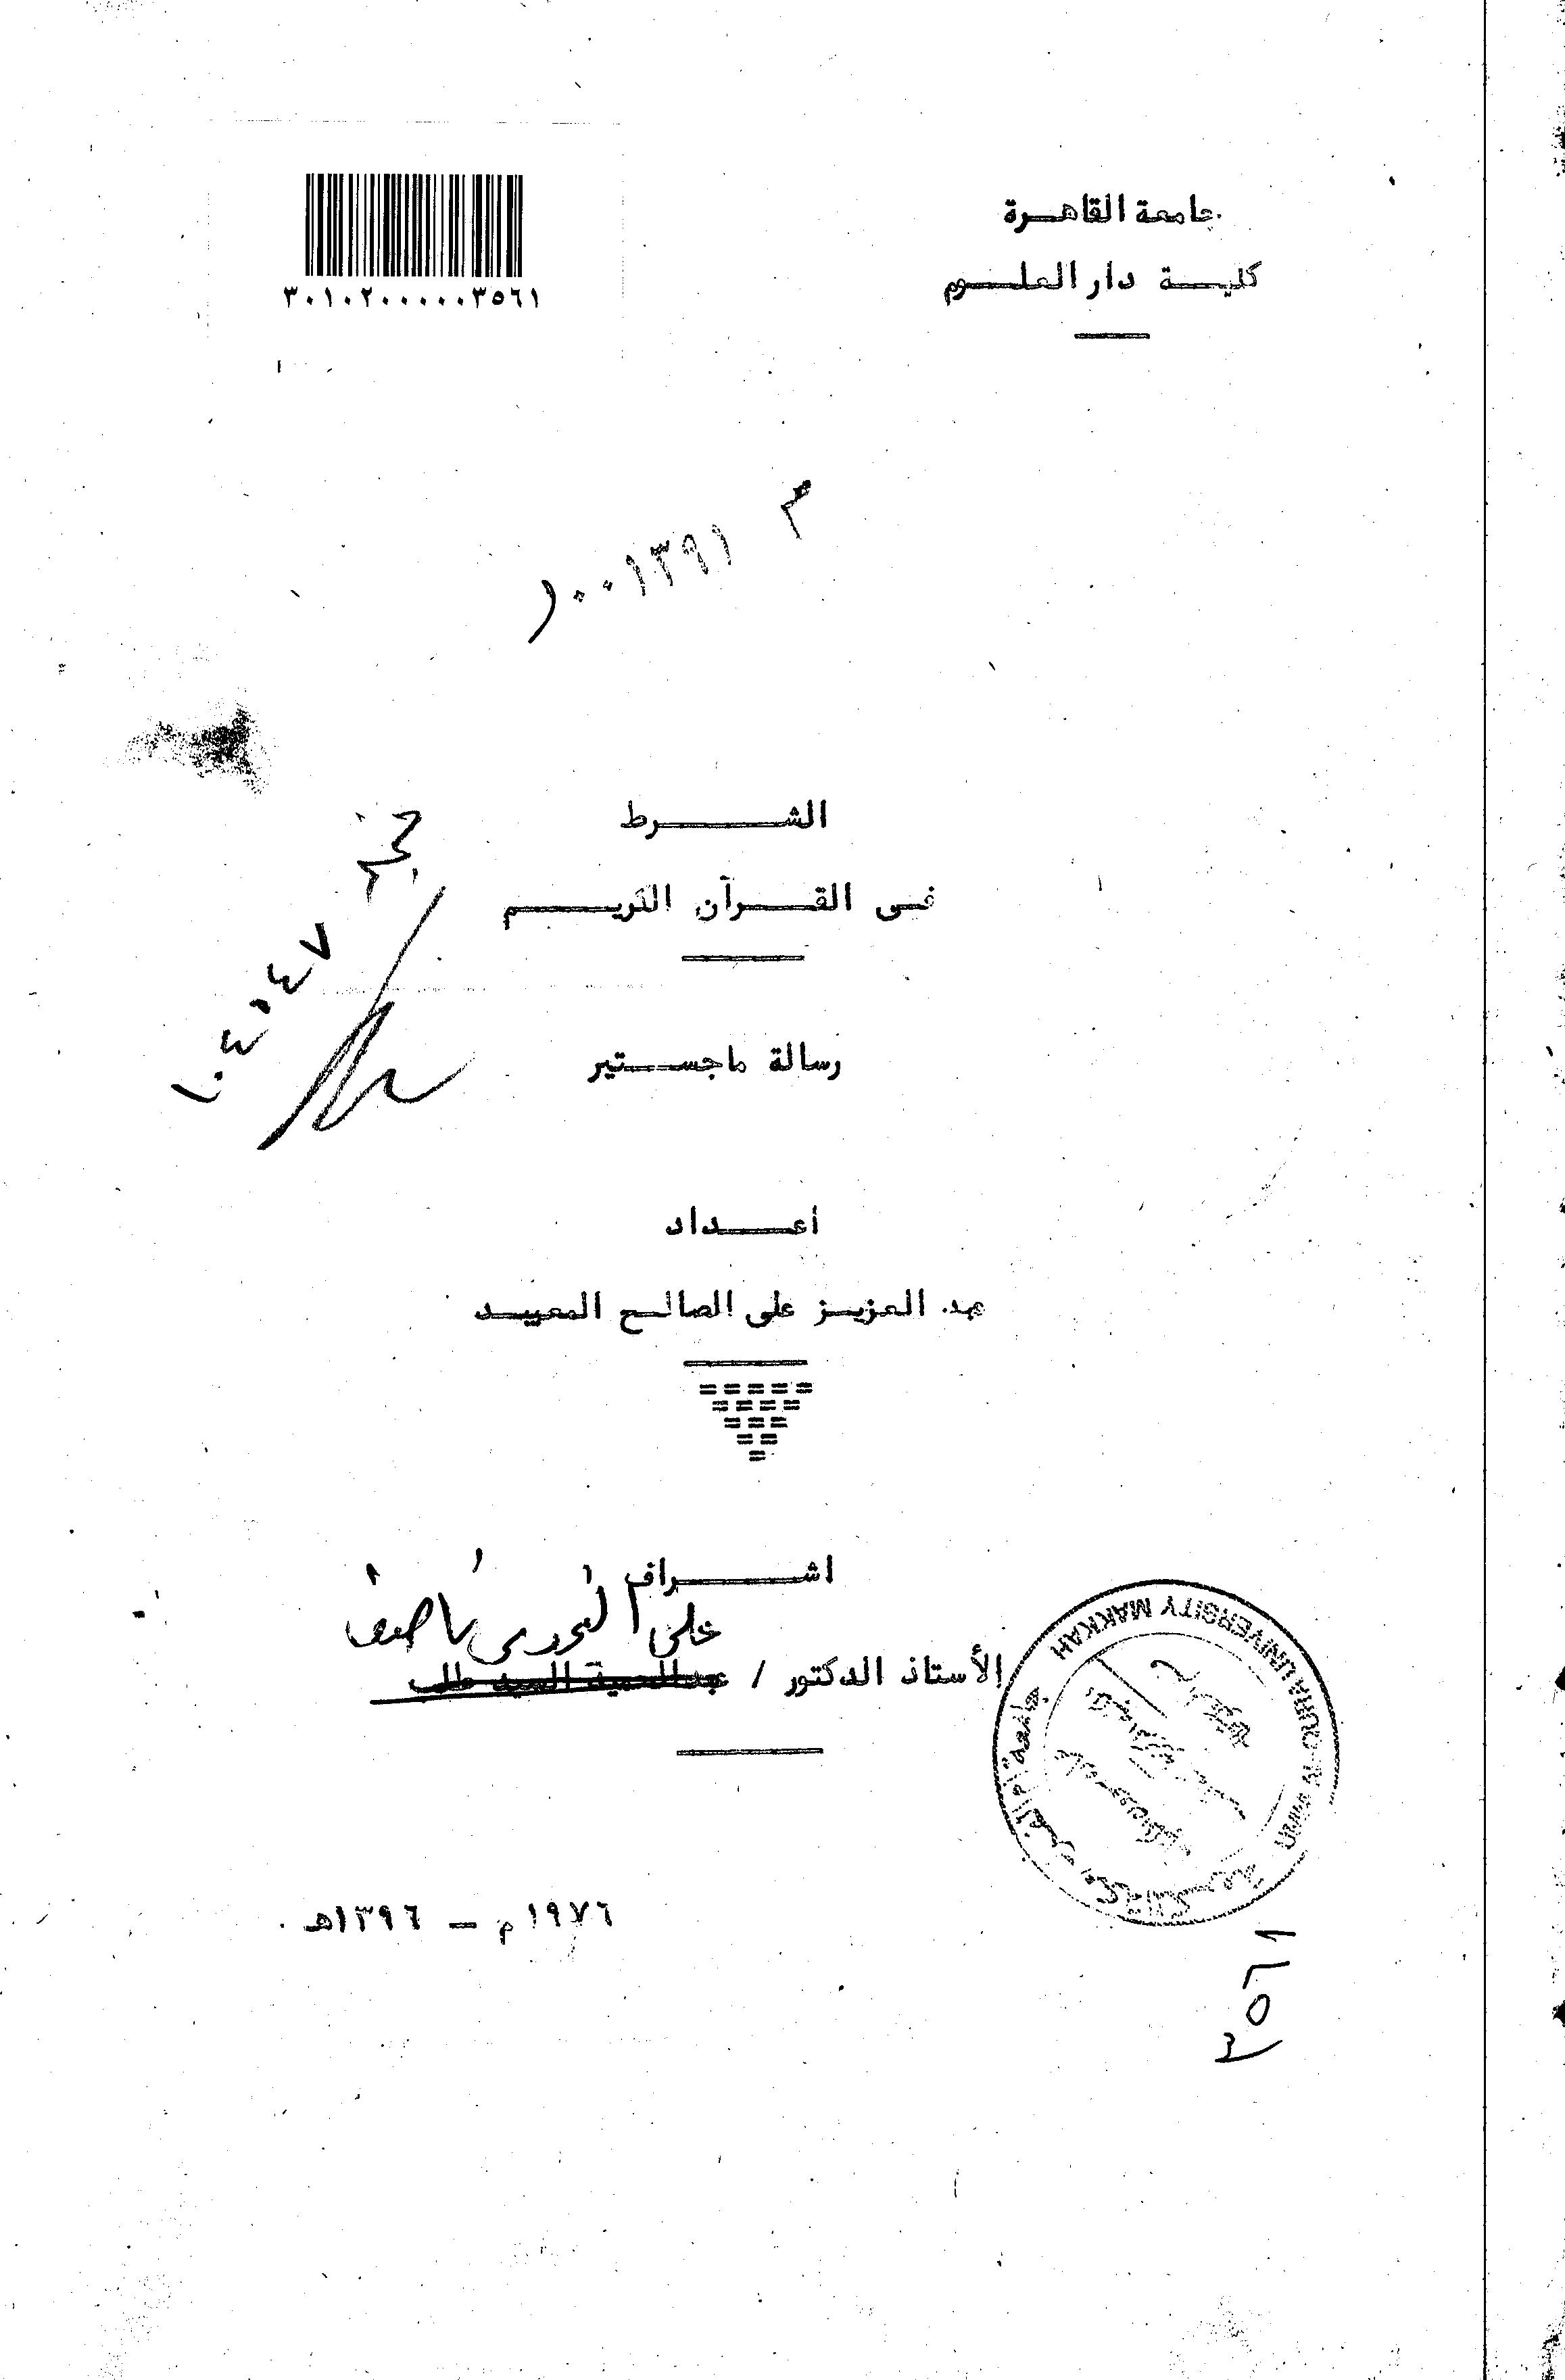 تحميل كتاب الشرط في القرآن الكريم لـِ: عبد العزيز علي الصالح المعيبد